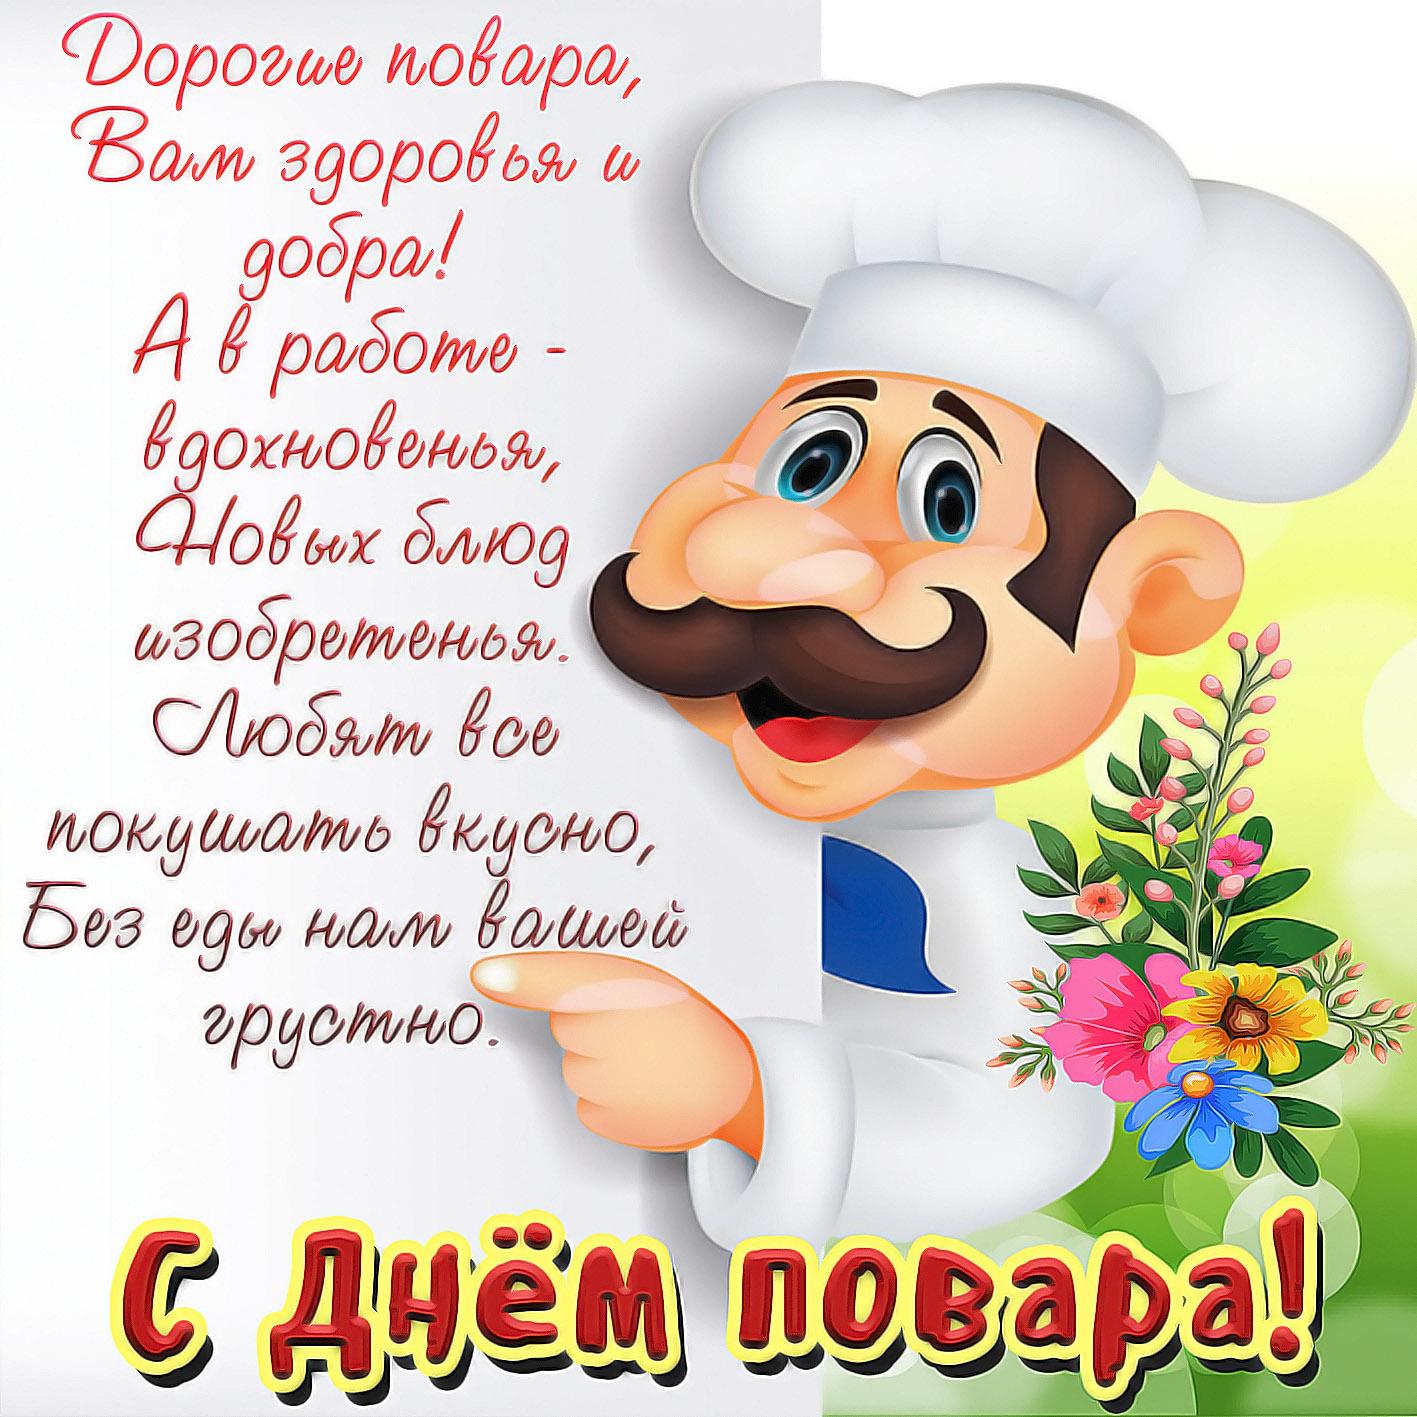 Поздравление повару в стихах с юмором композиция хромает